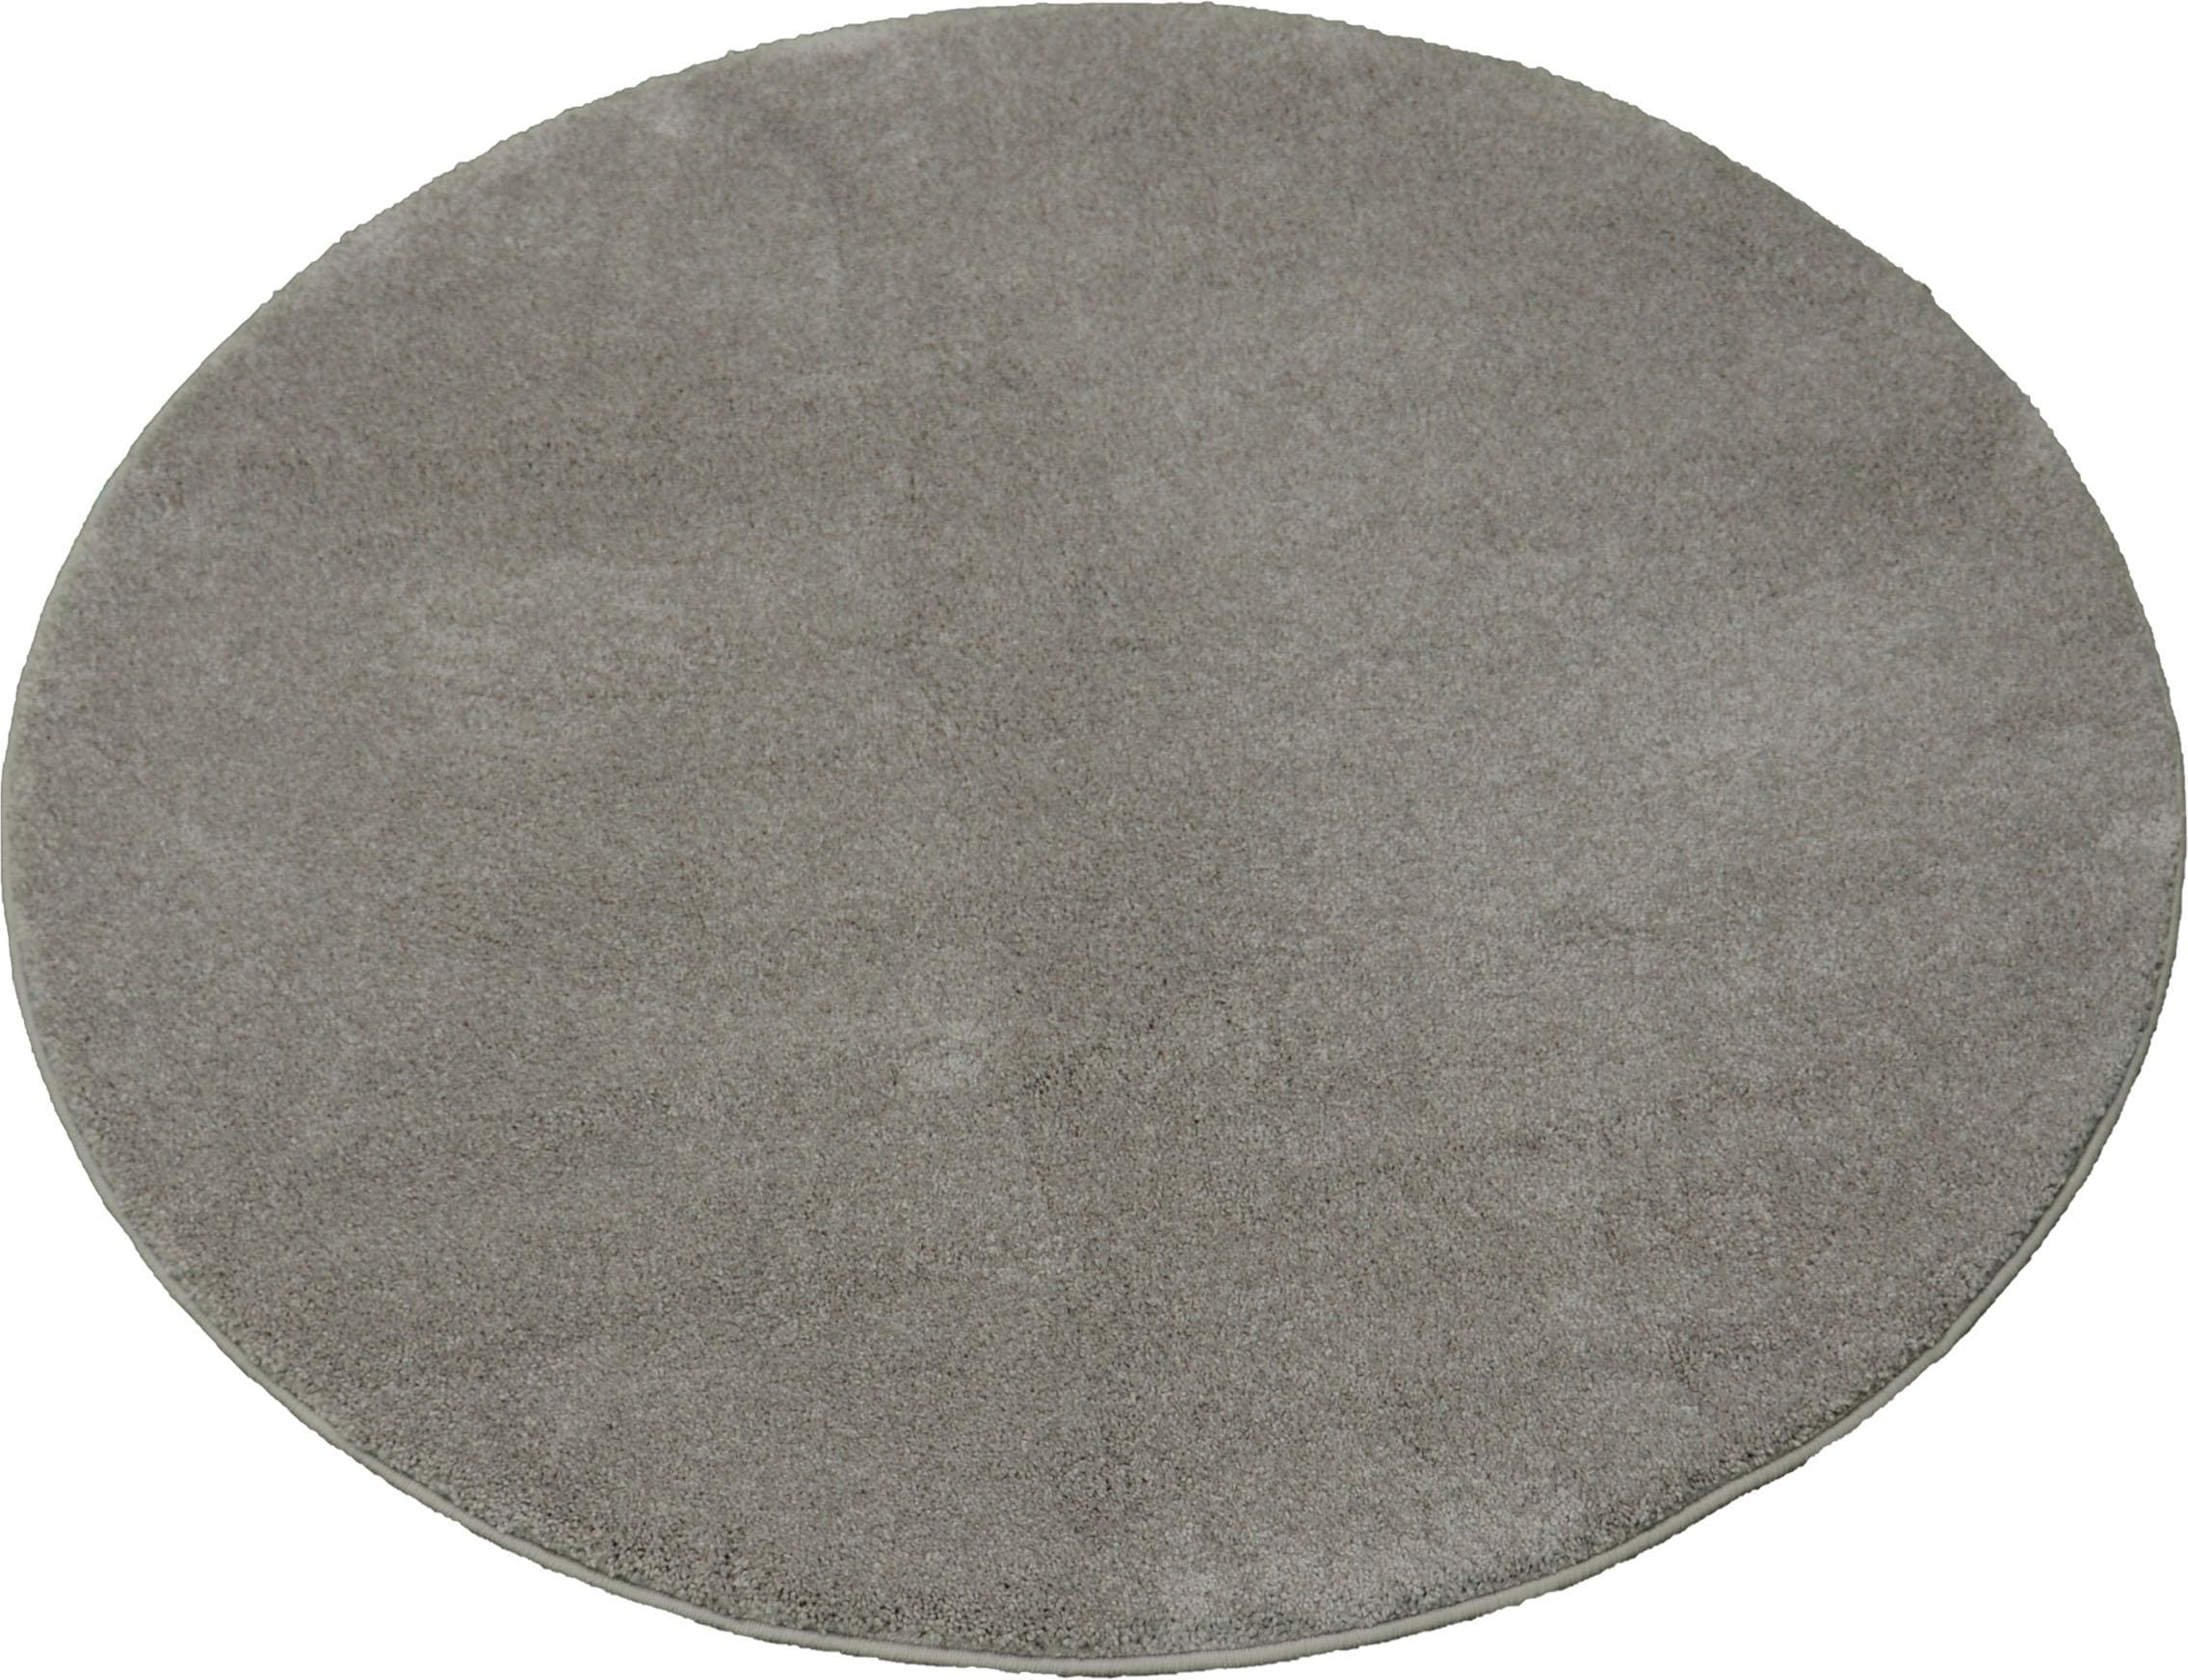 Teppich Montana merinos rund Höhe 20 mm maschinell getuftet